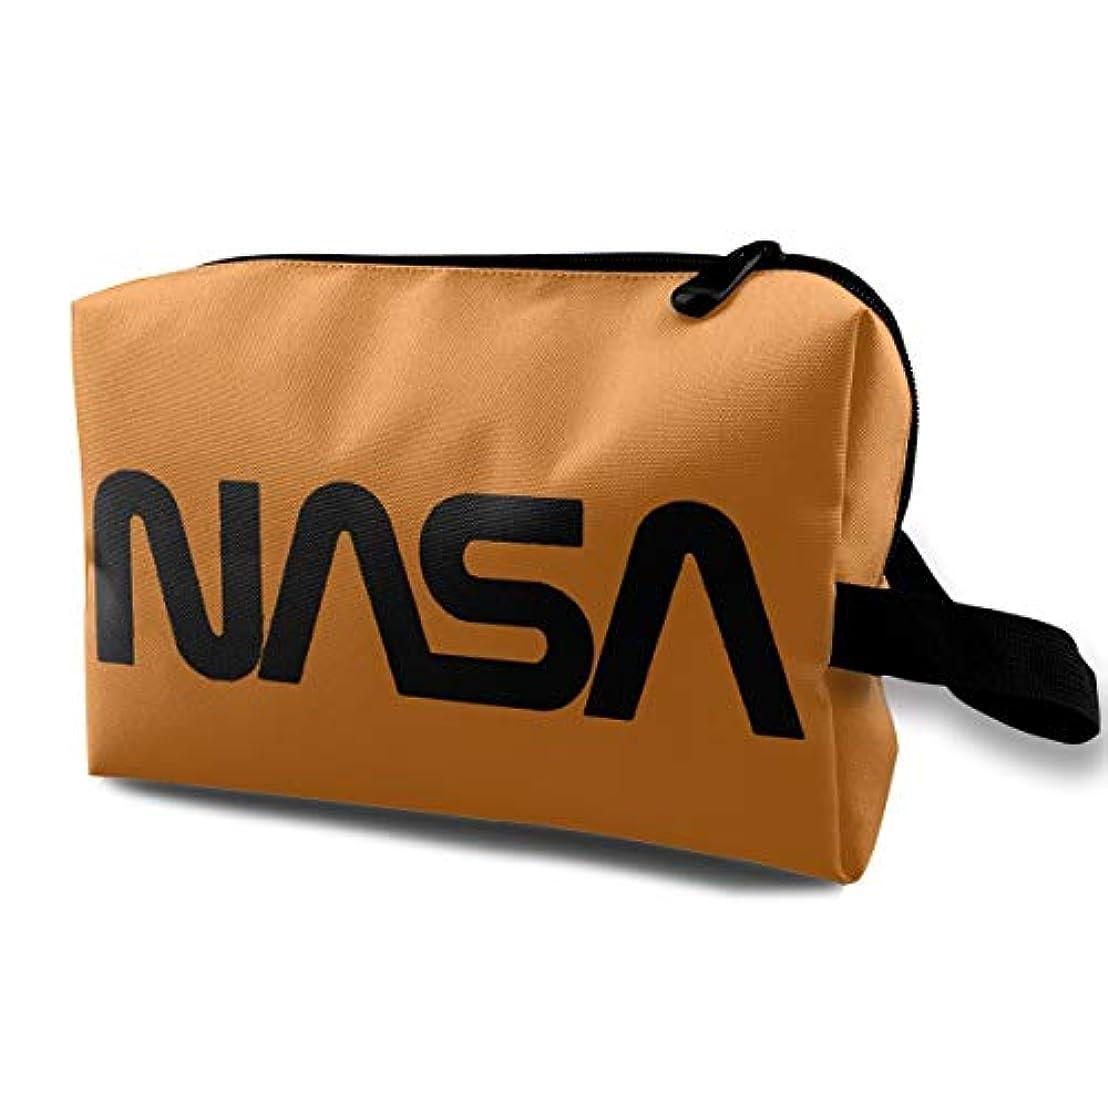 ほめる粒船酔いDSB 化粧ポーチ コンパクト メイクポーチ 化粧バッグ NASA 航空 宇宙 化粧品 収納バッグ コスメポーチ メイクブラシバッグ 旅行用 大容量